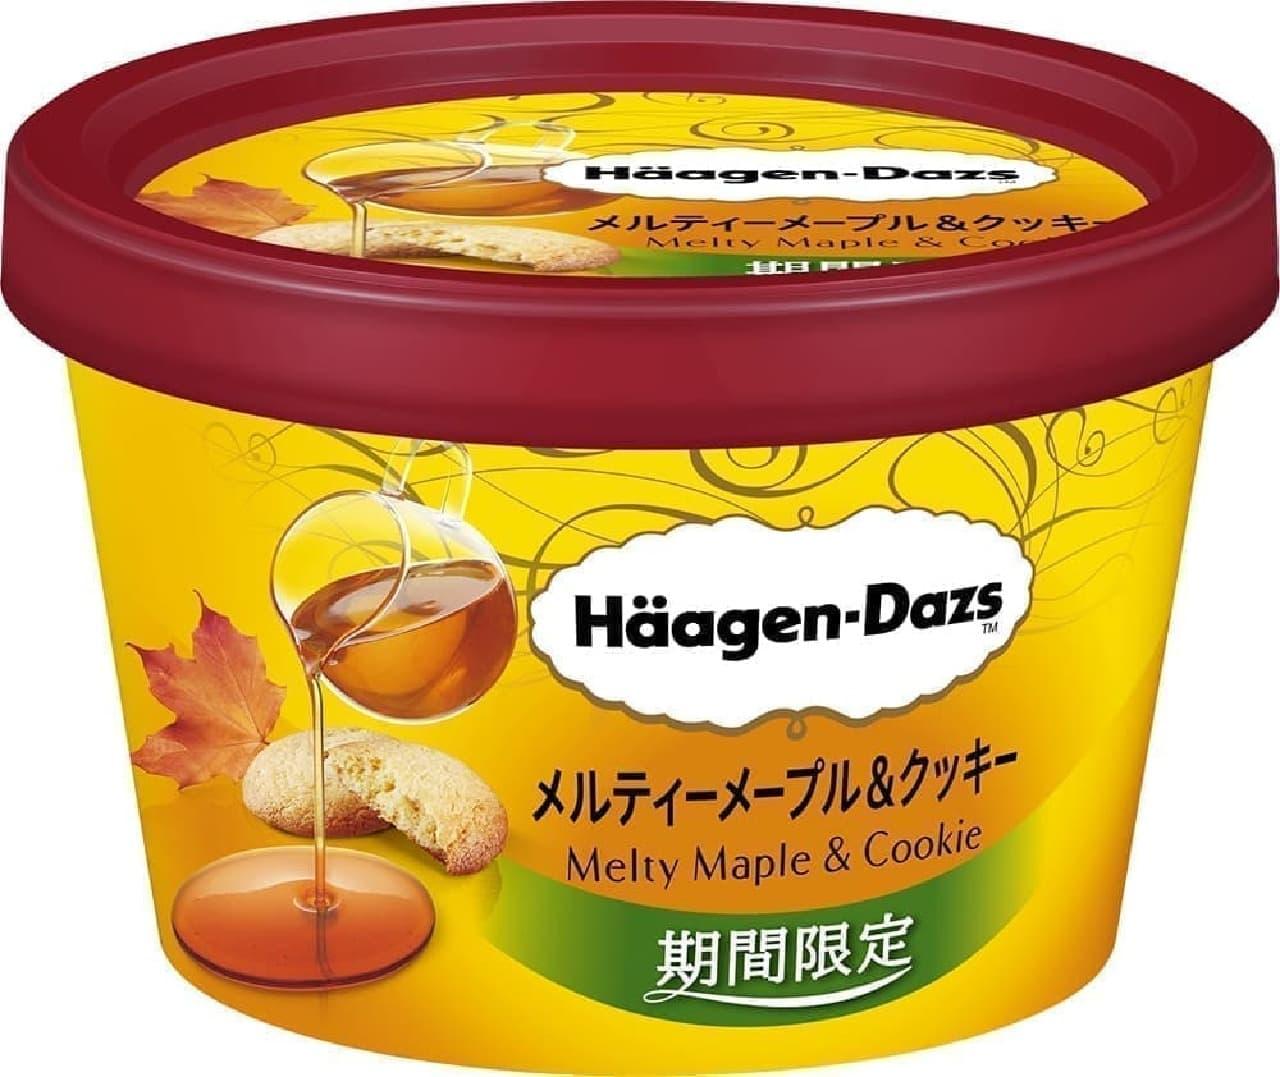 ハーゲンダッツミニカップ「メルティーメープル&クッキー」